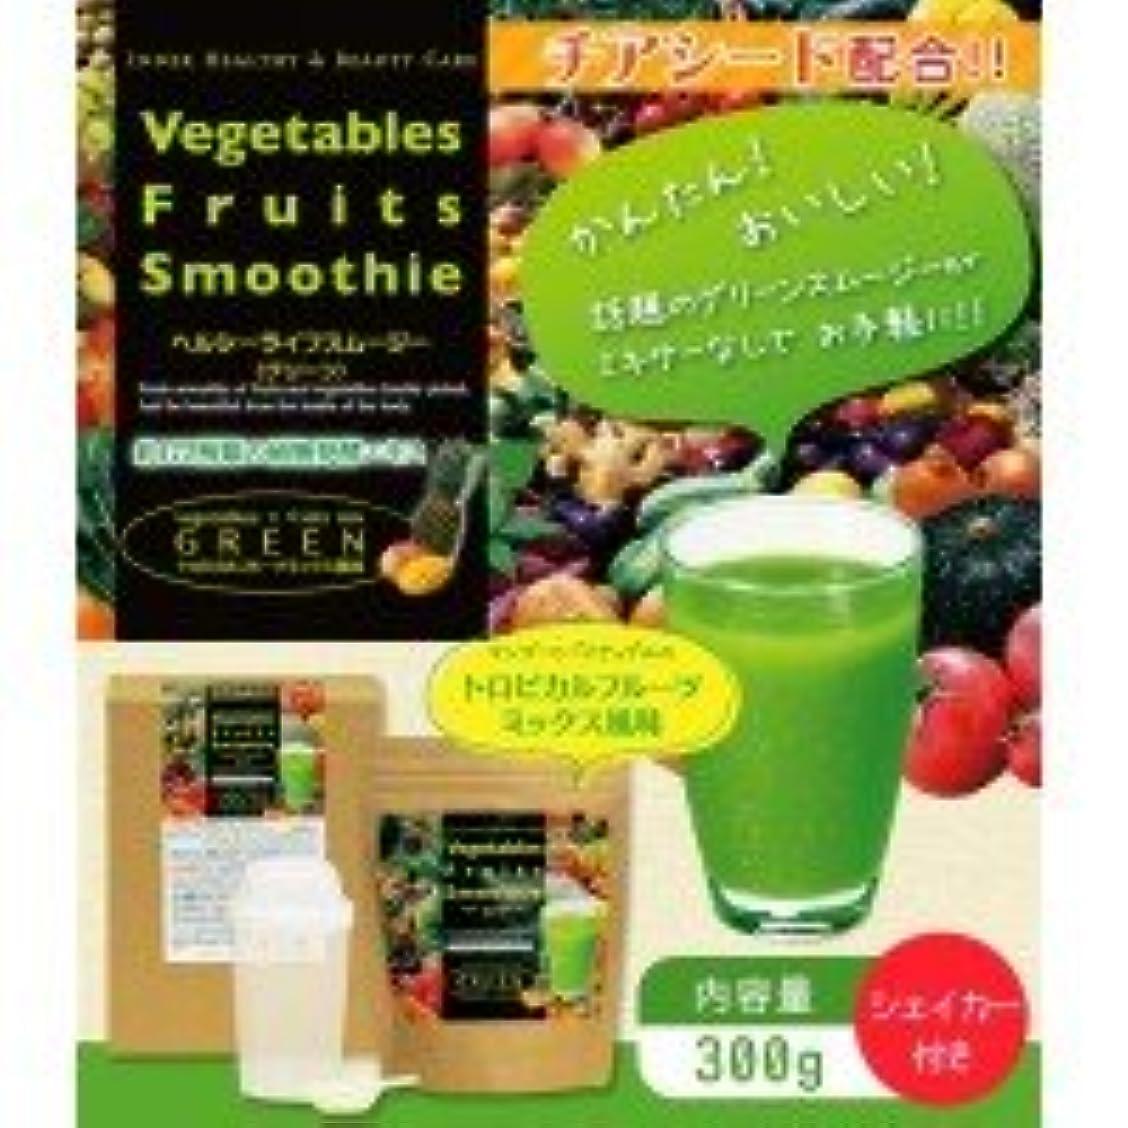 気味の悪い慢エレメンタルVegetables Fruits Smoothie ヘルシーライフスムージー(グリーン)トロピカルフルーツミックス味(300g シェイカー付) 日本製